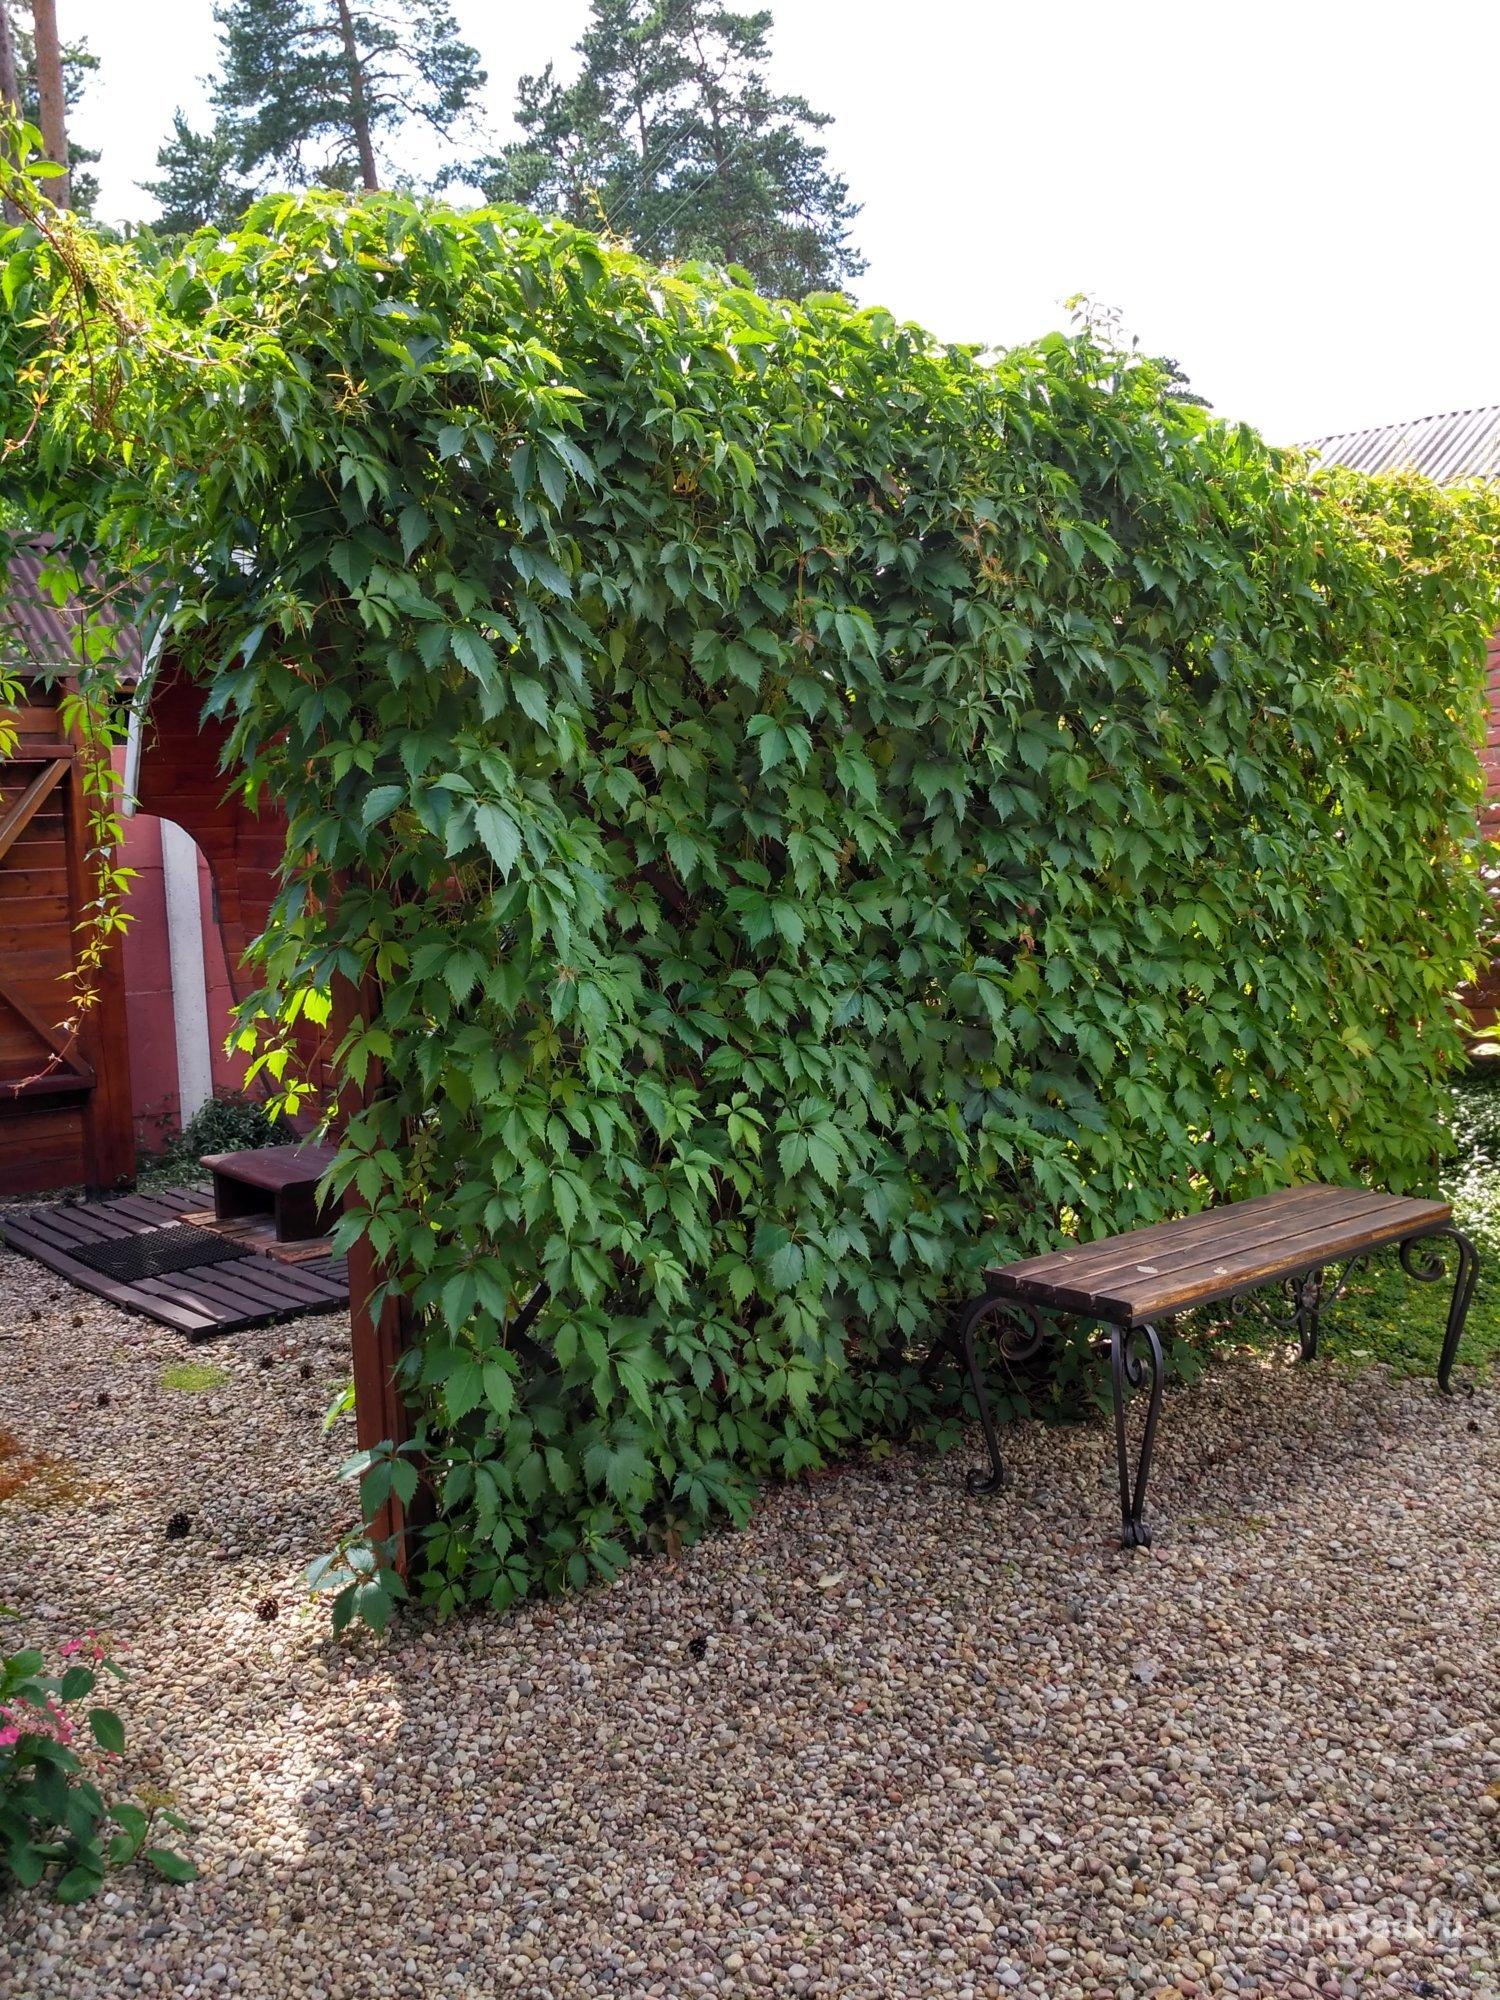 Дикий виноград -  декоративный помощник  или источник проблем?